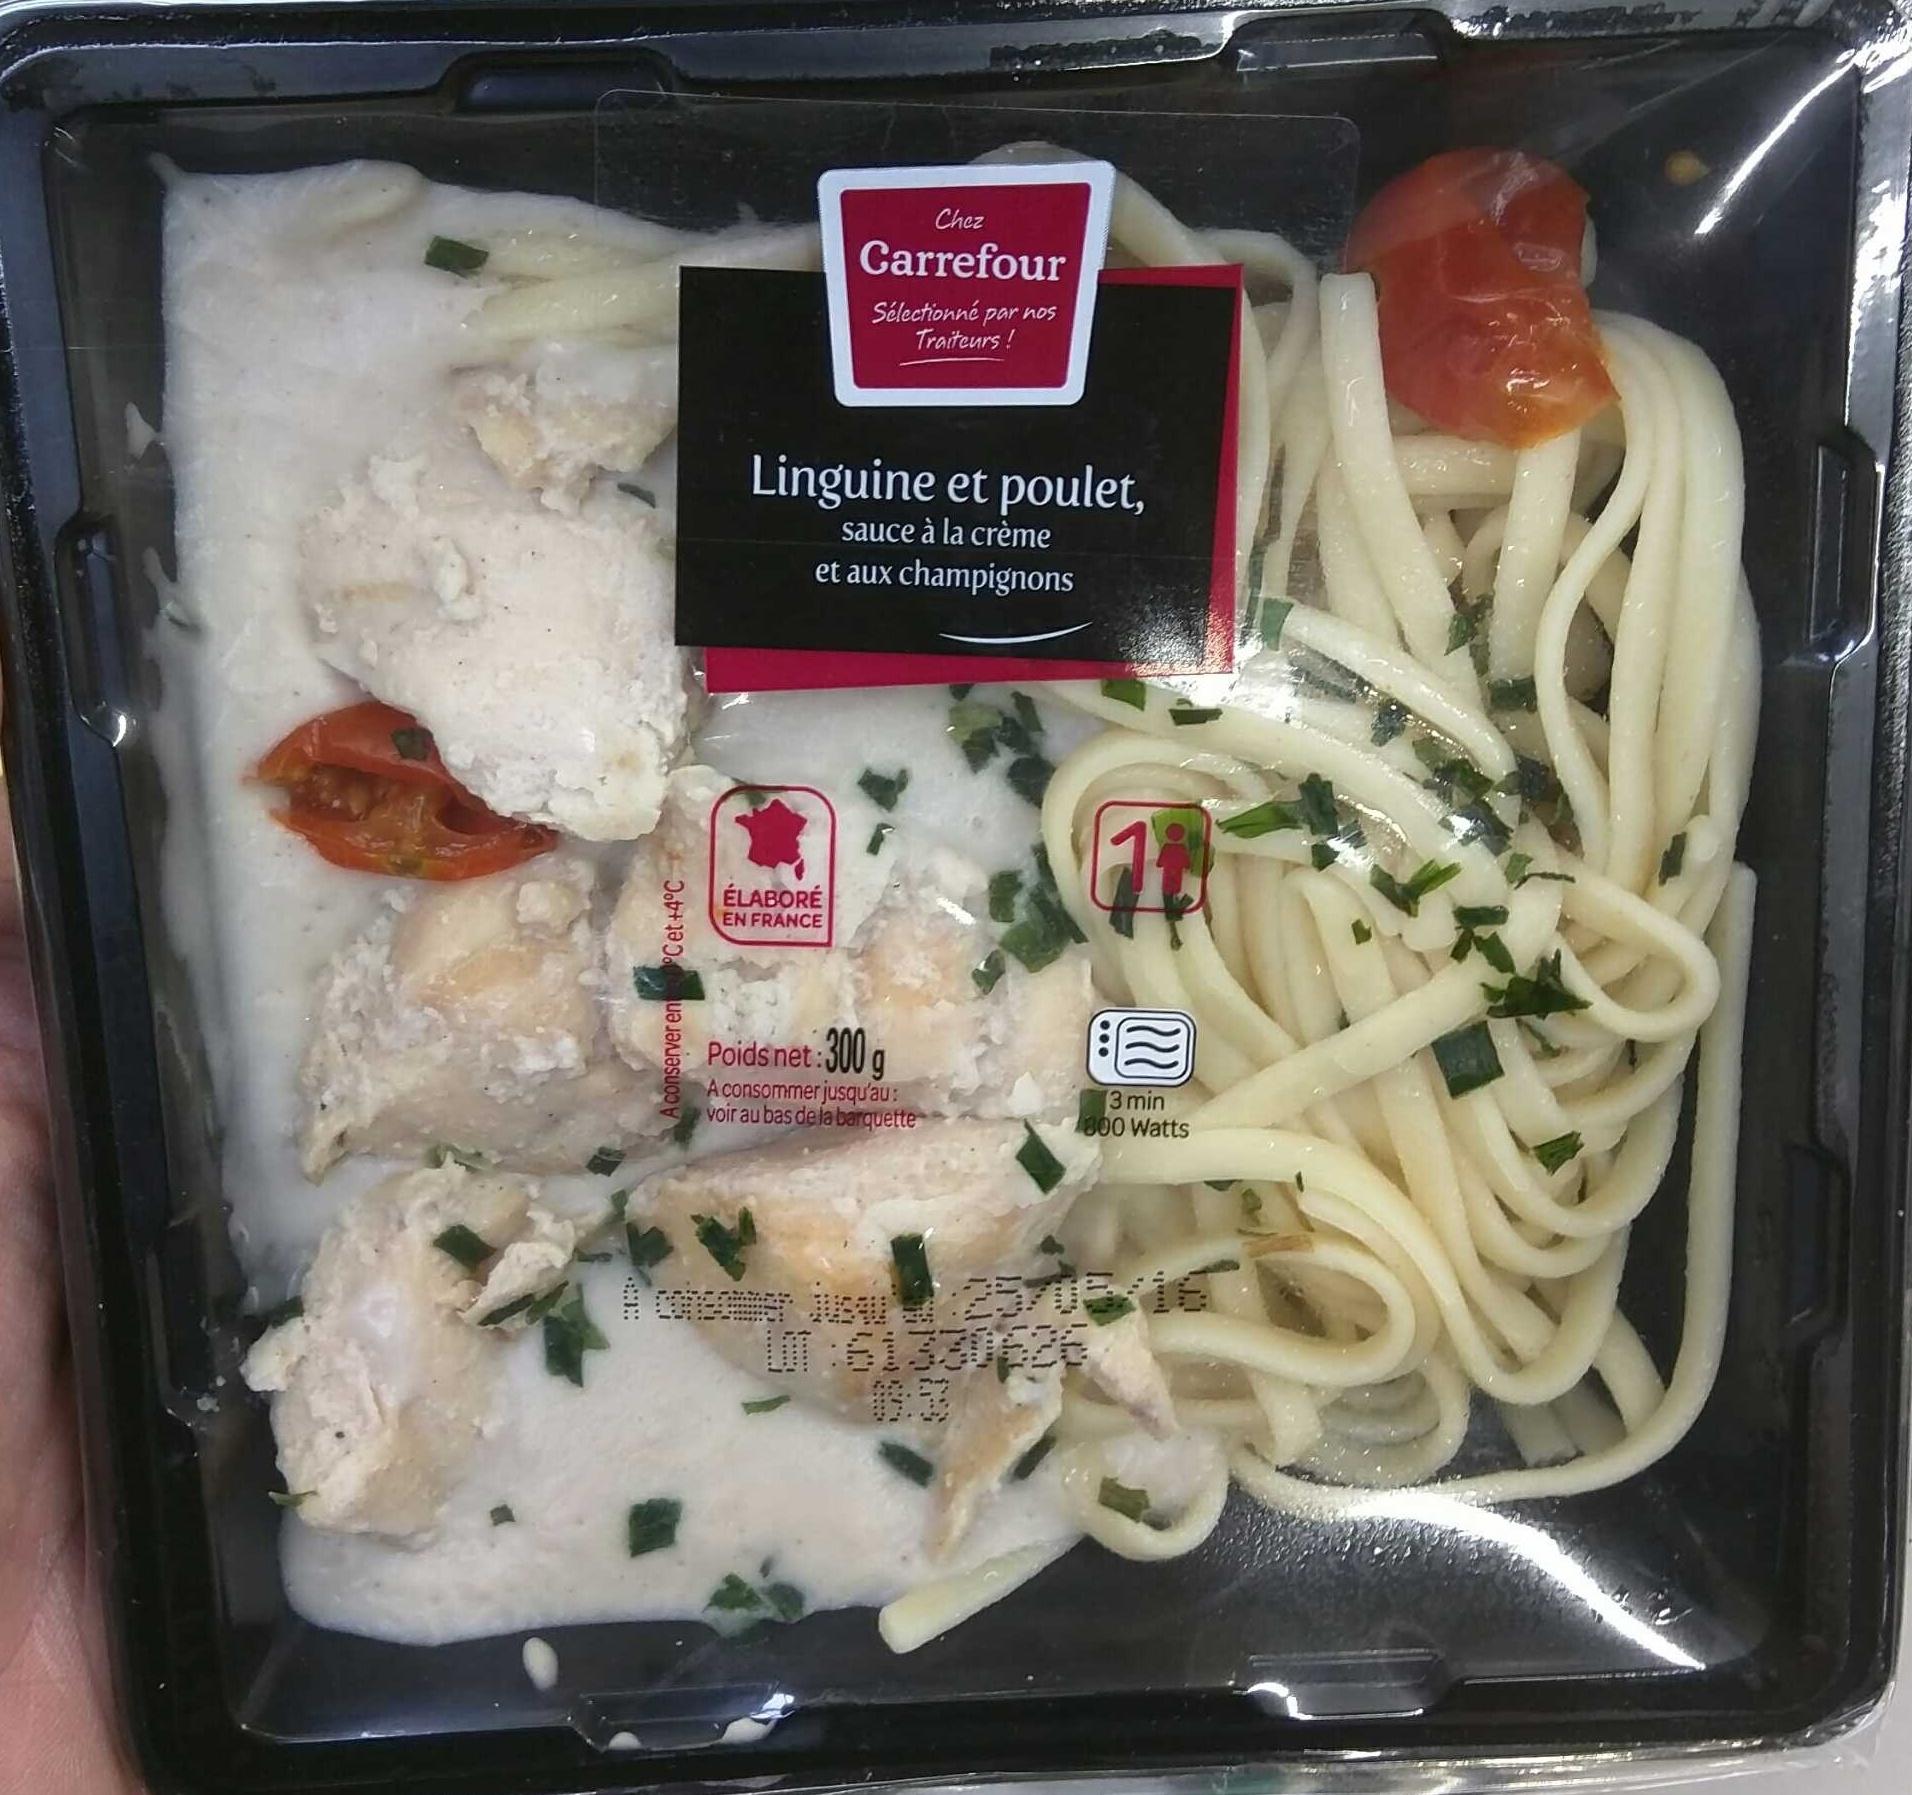 Linguine et poulet - Produit - fr